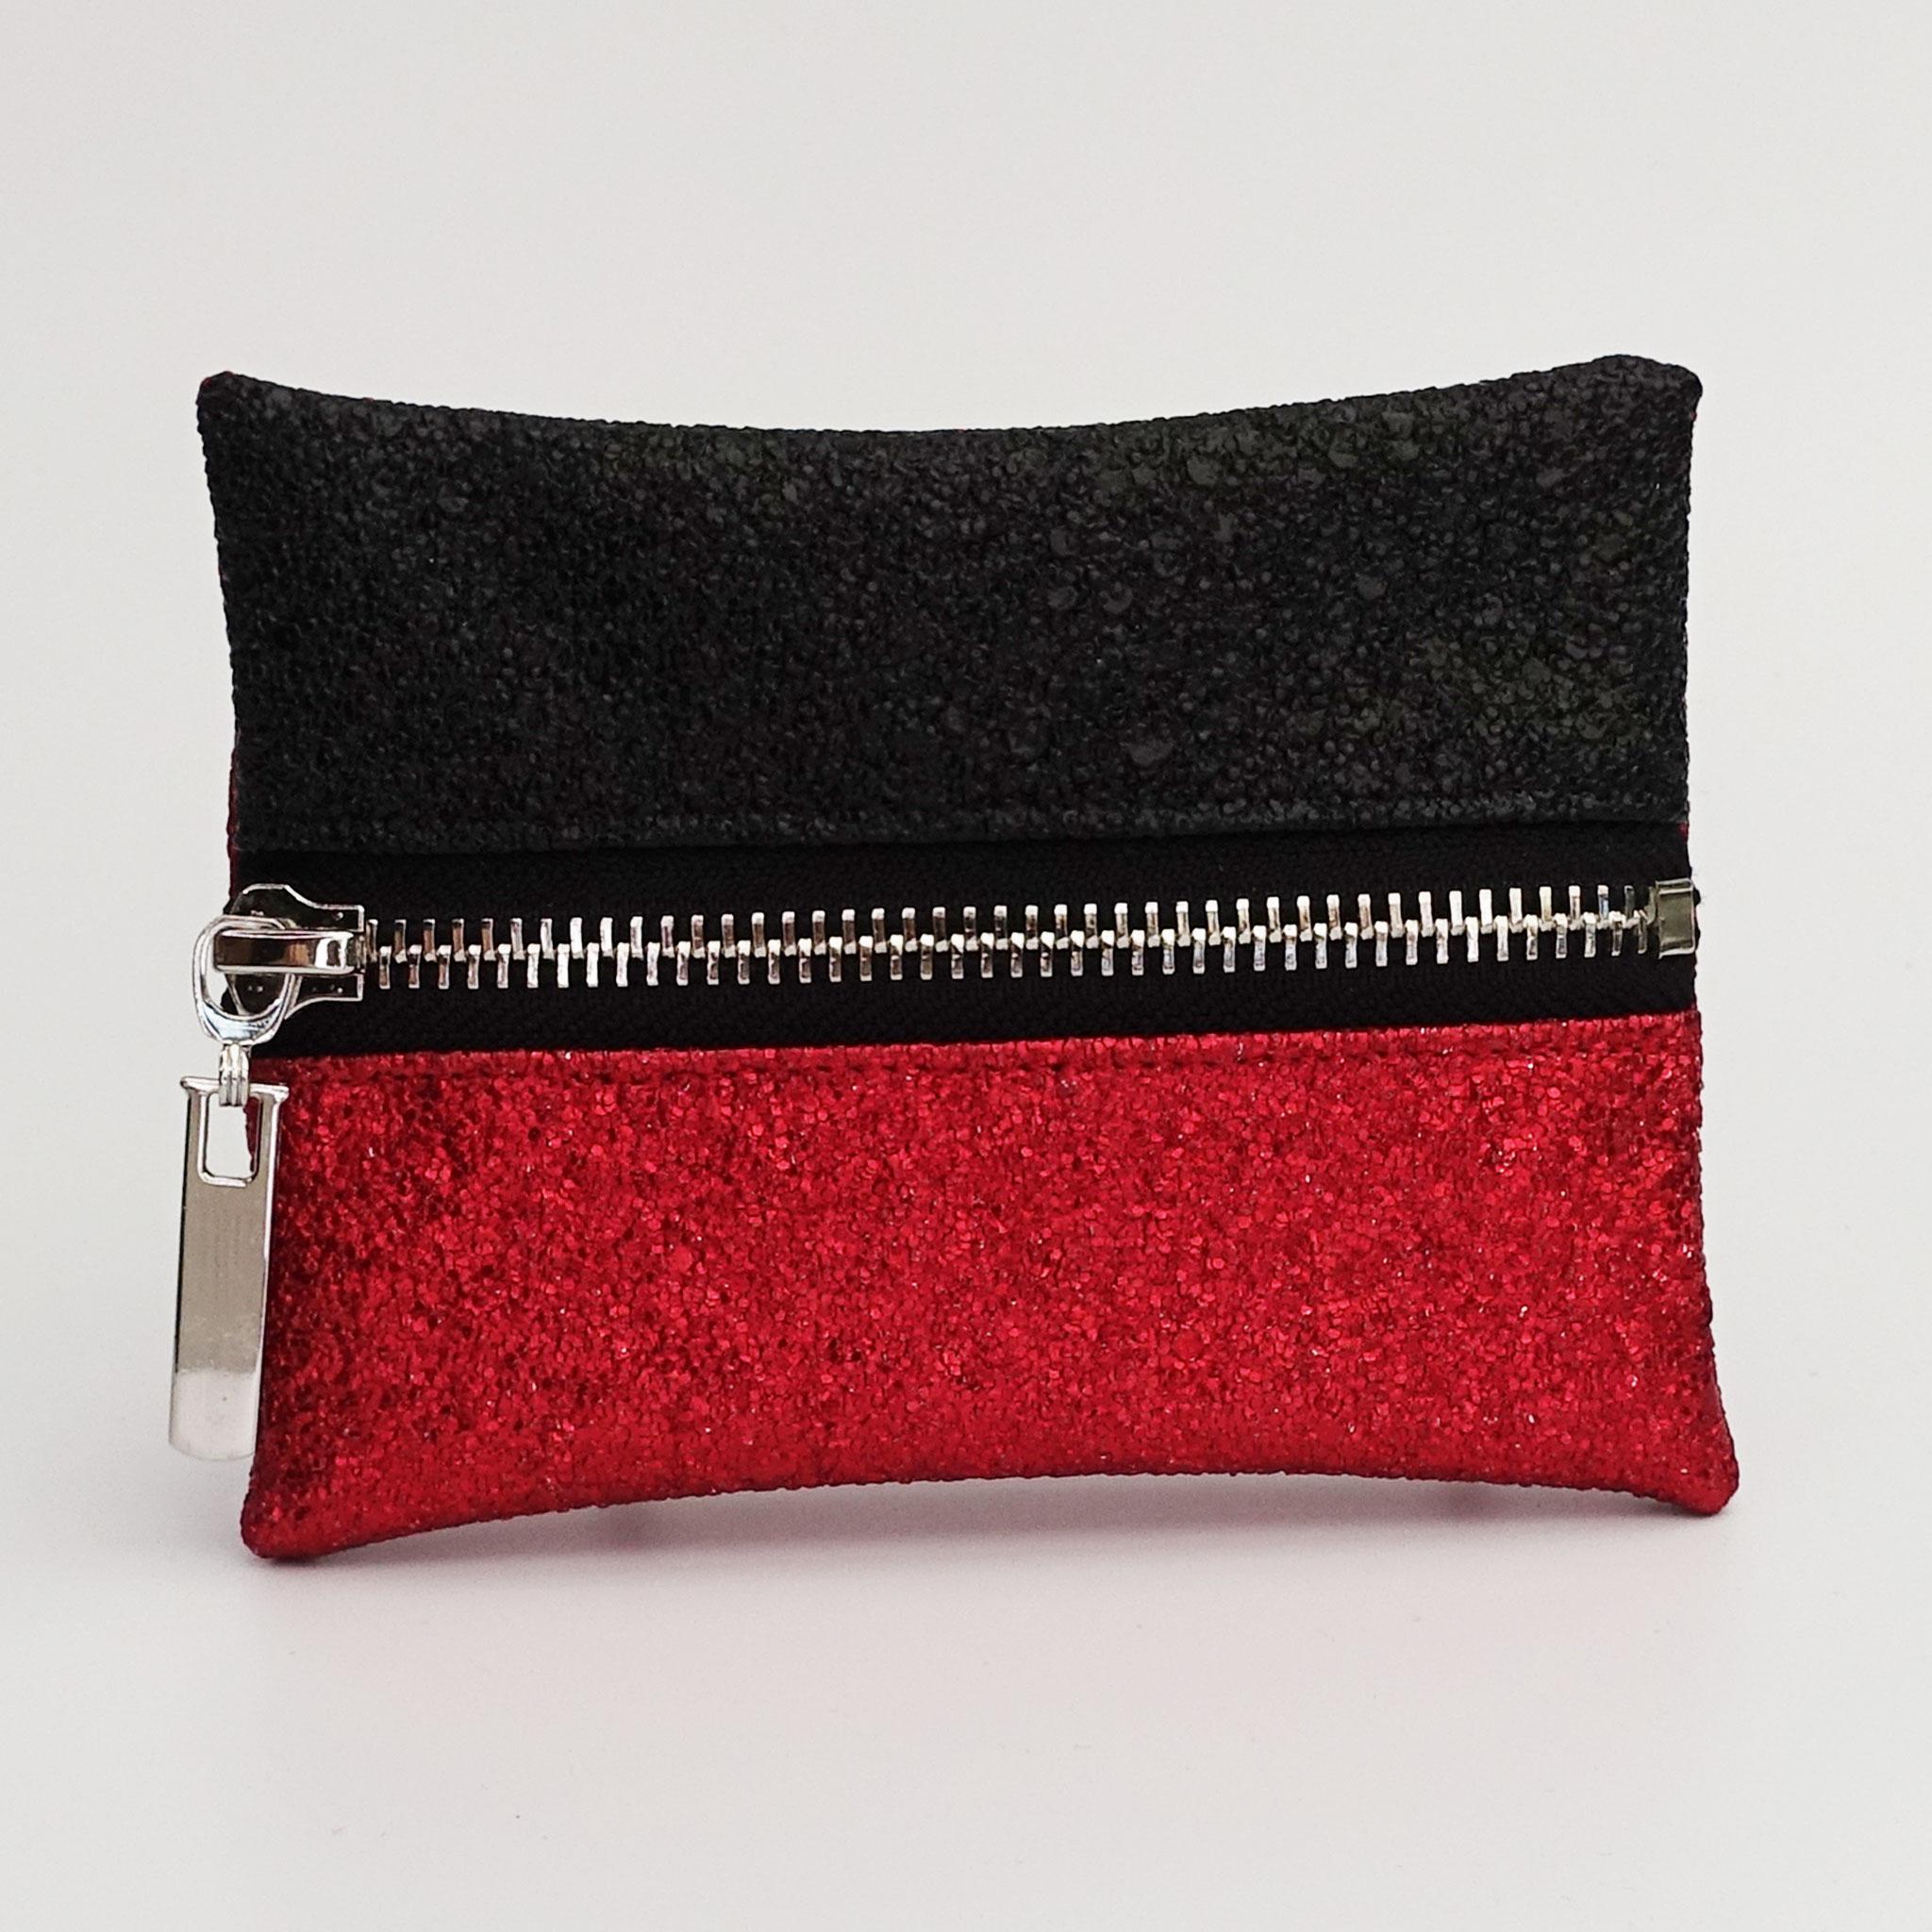 Porte-monnaie lurex rouge et noir, zip métal argenté